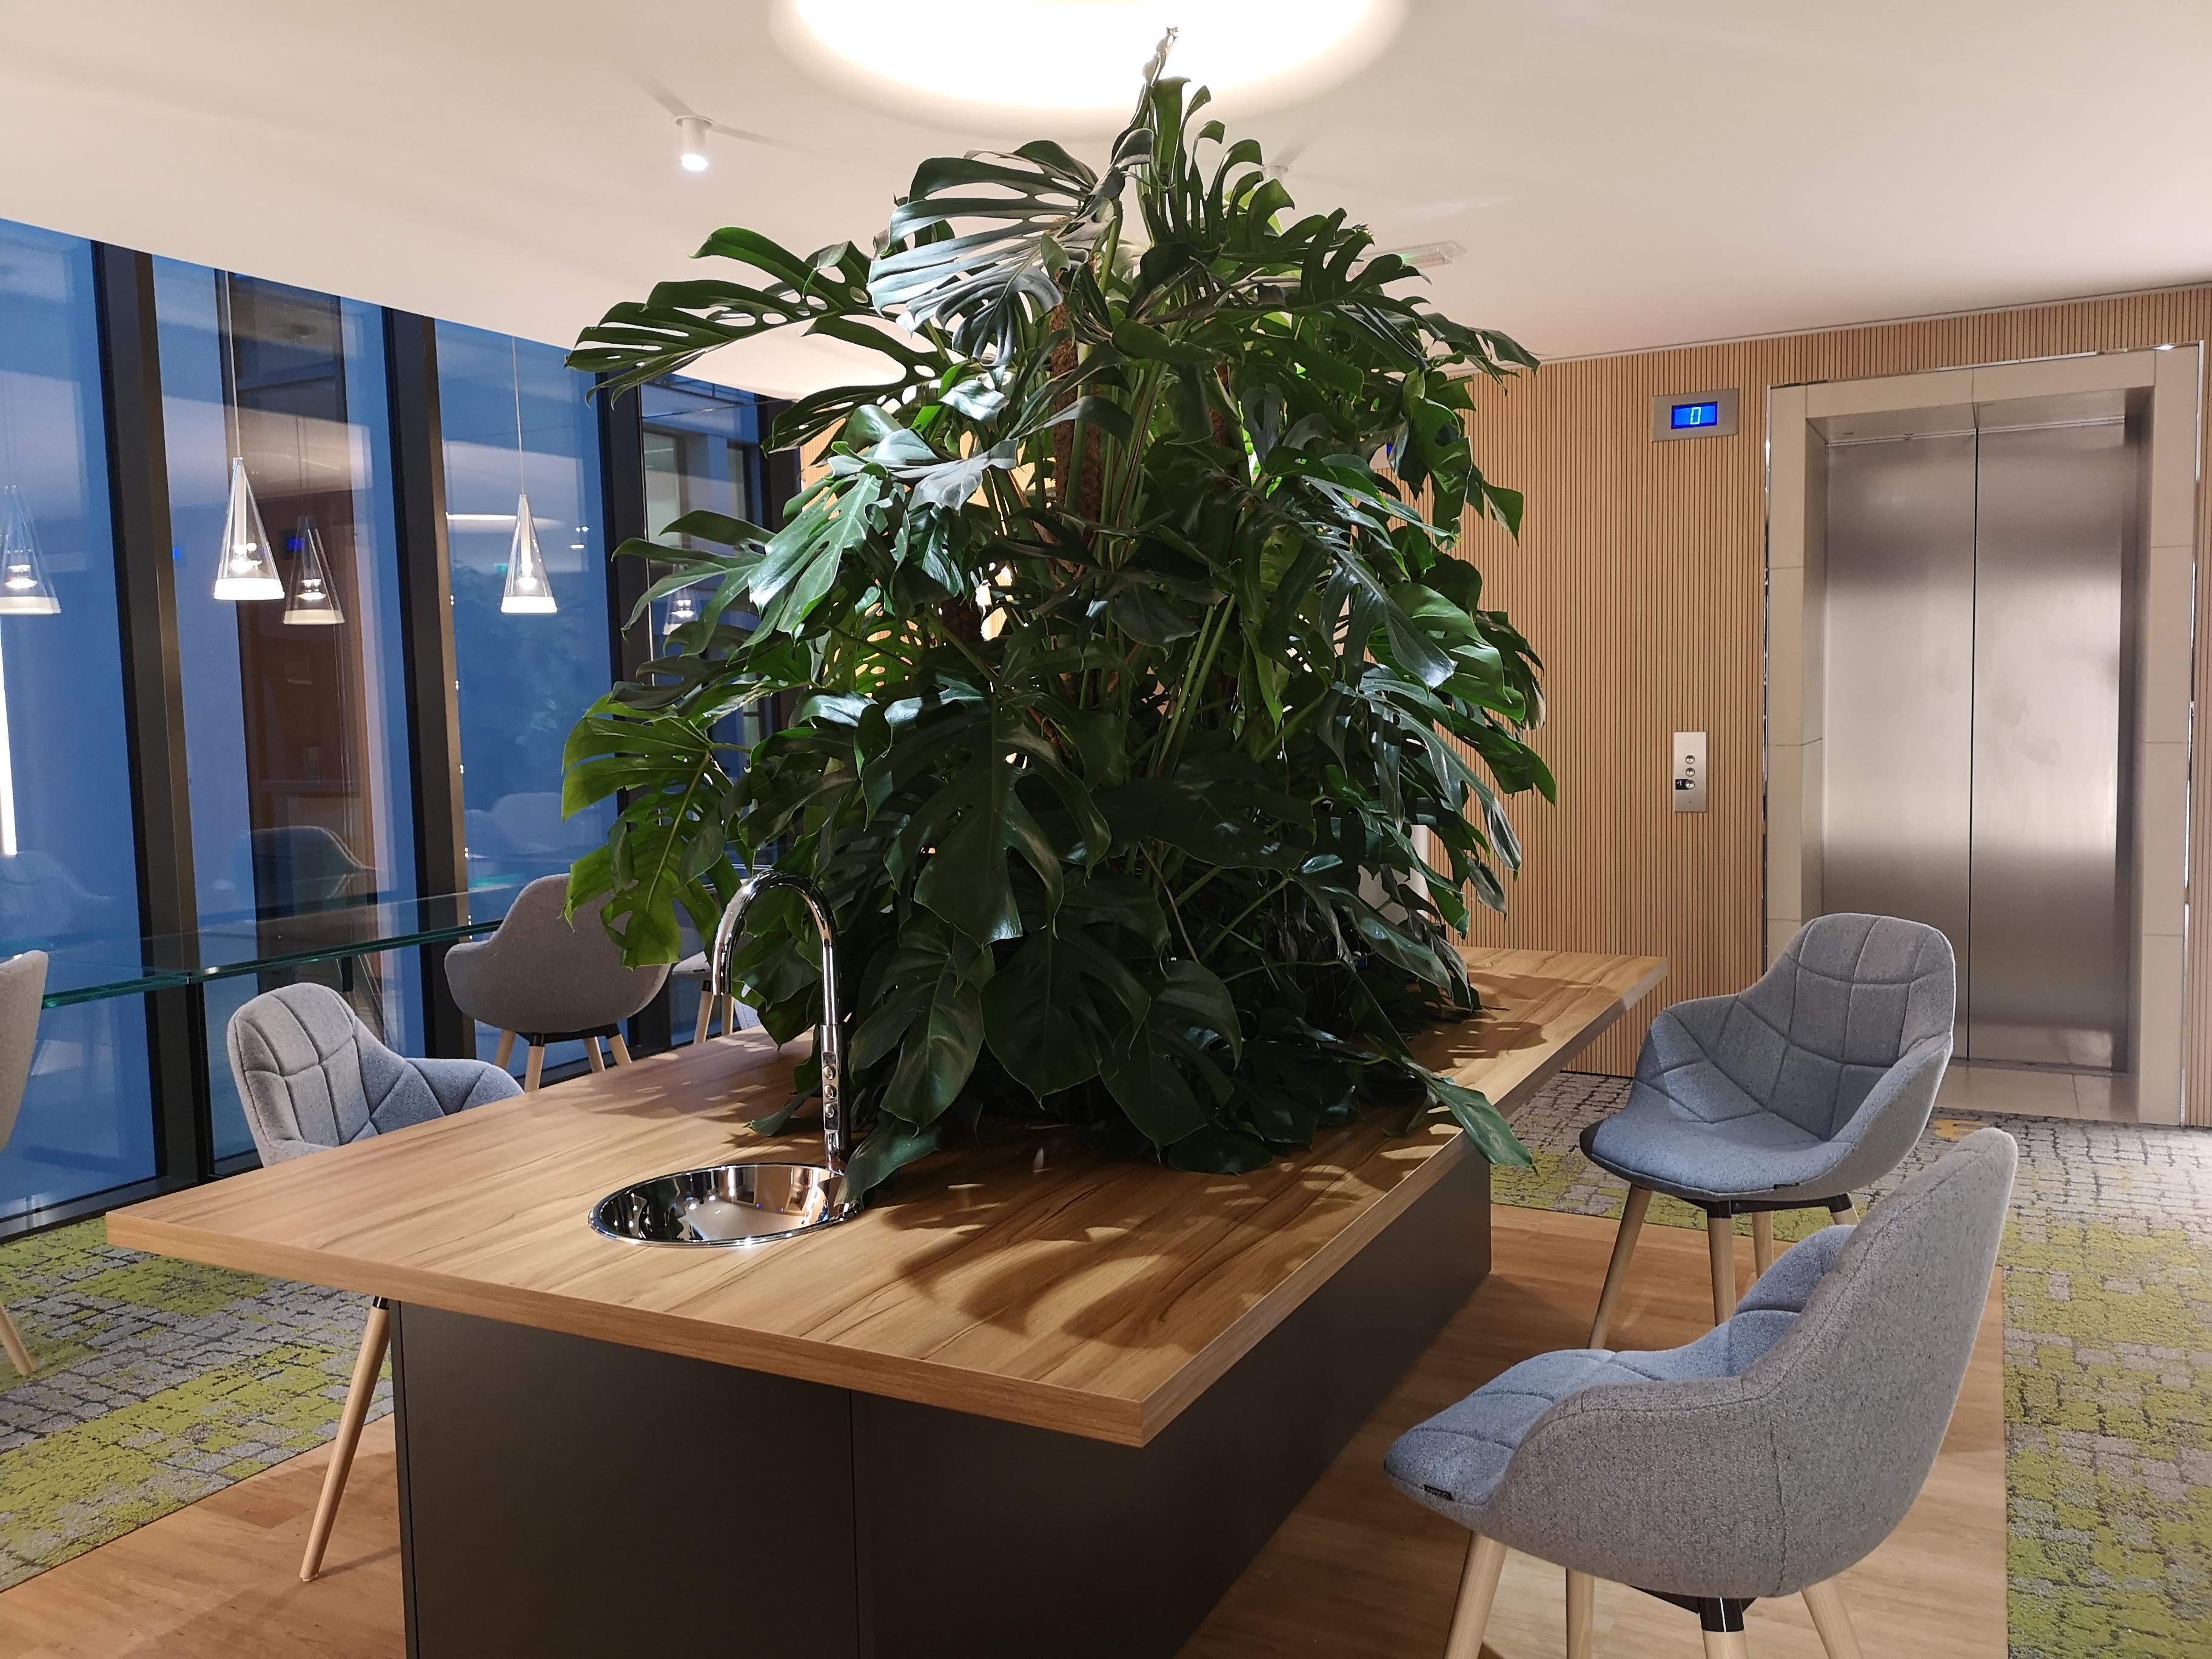 Végétalisation des espaces en entreprises. Plante dans un bureau.